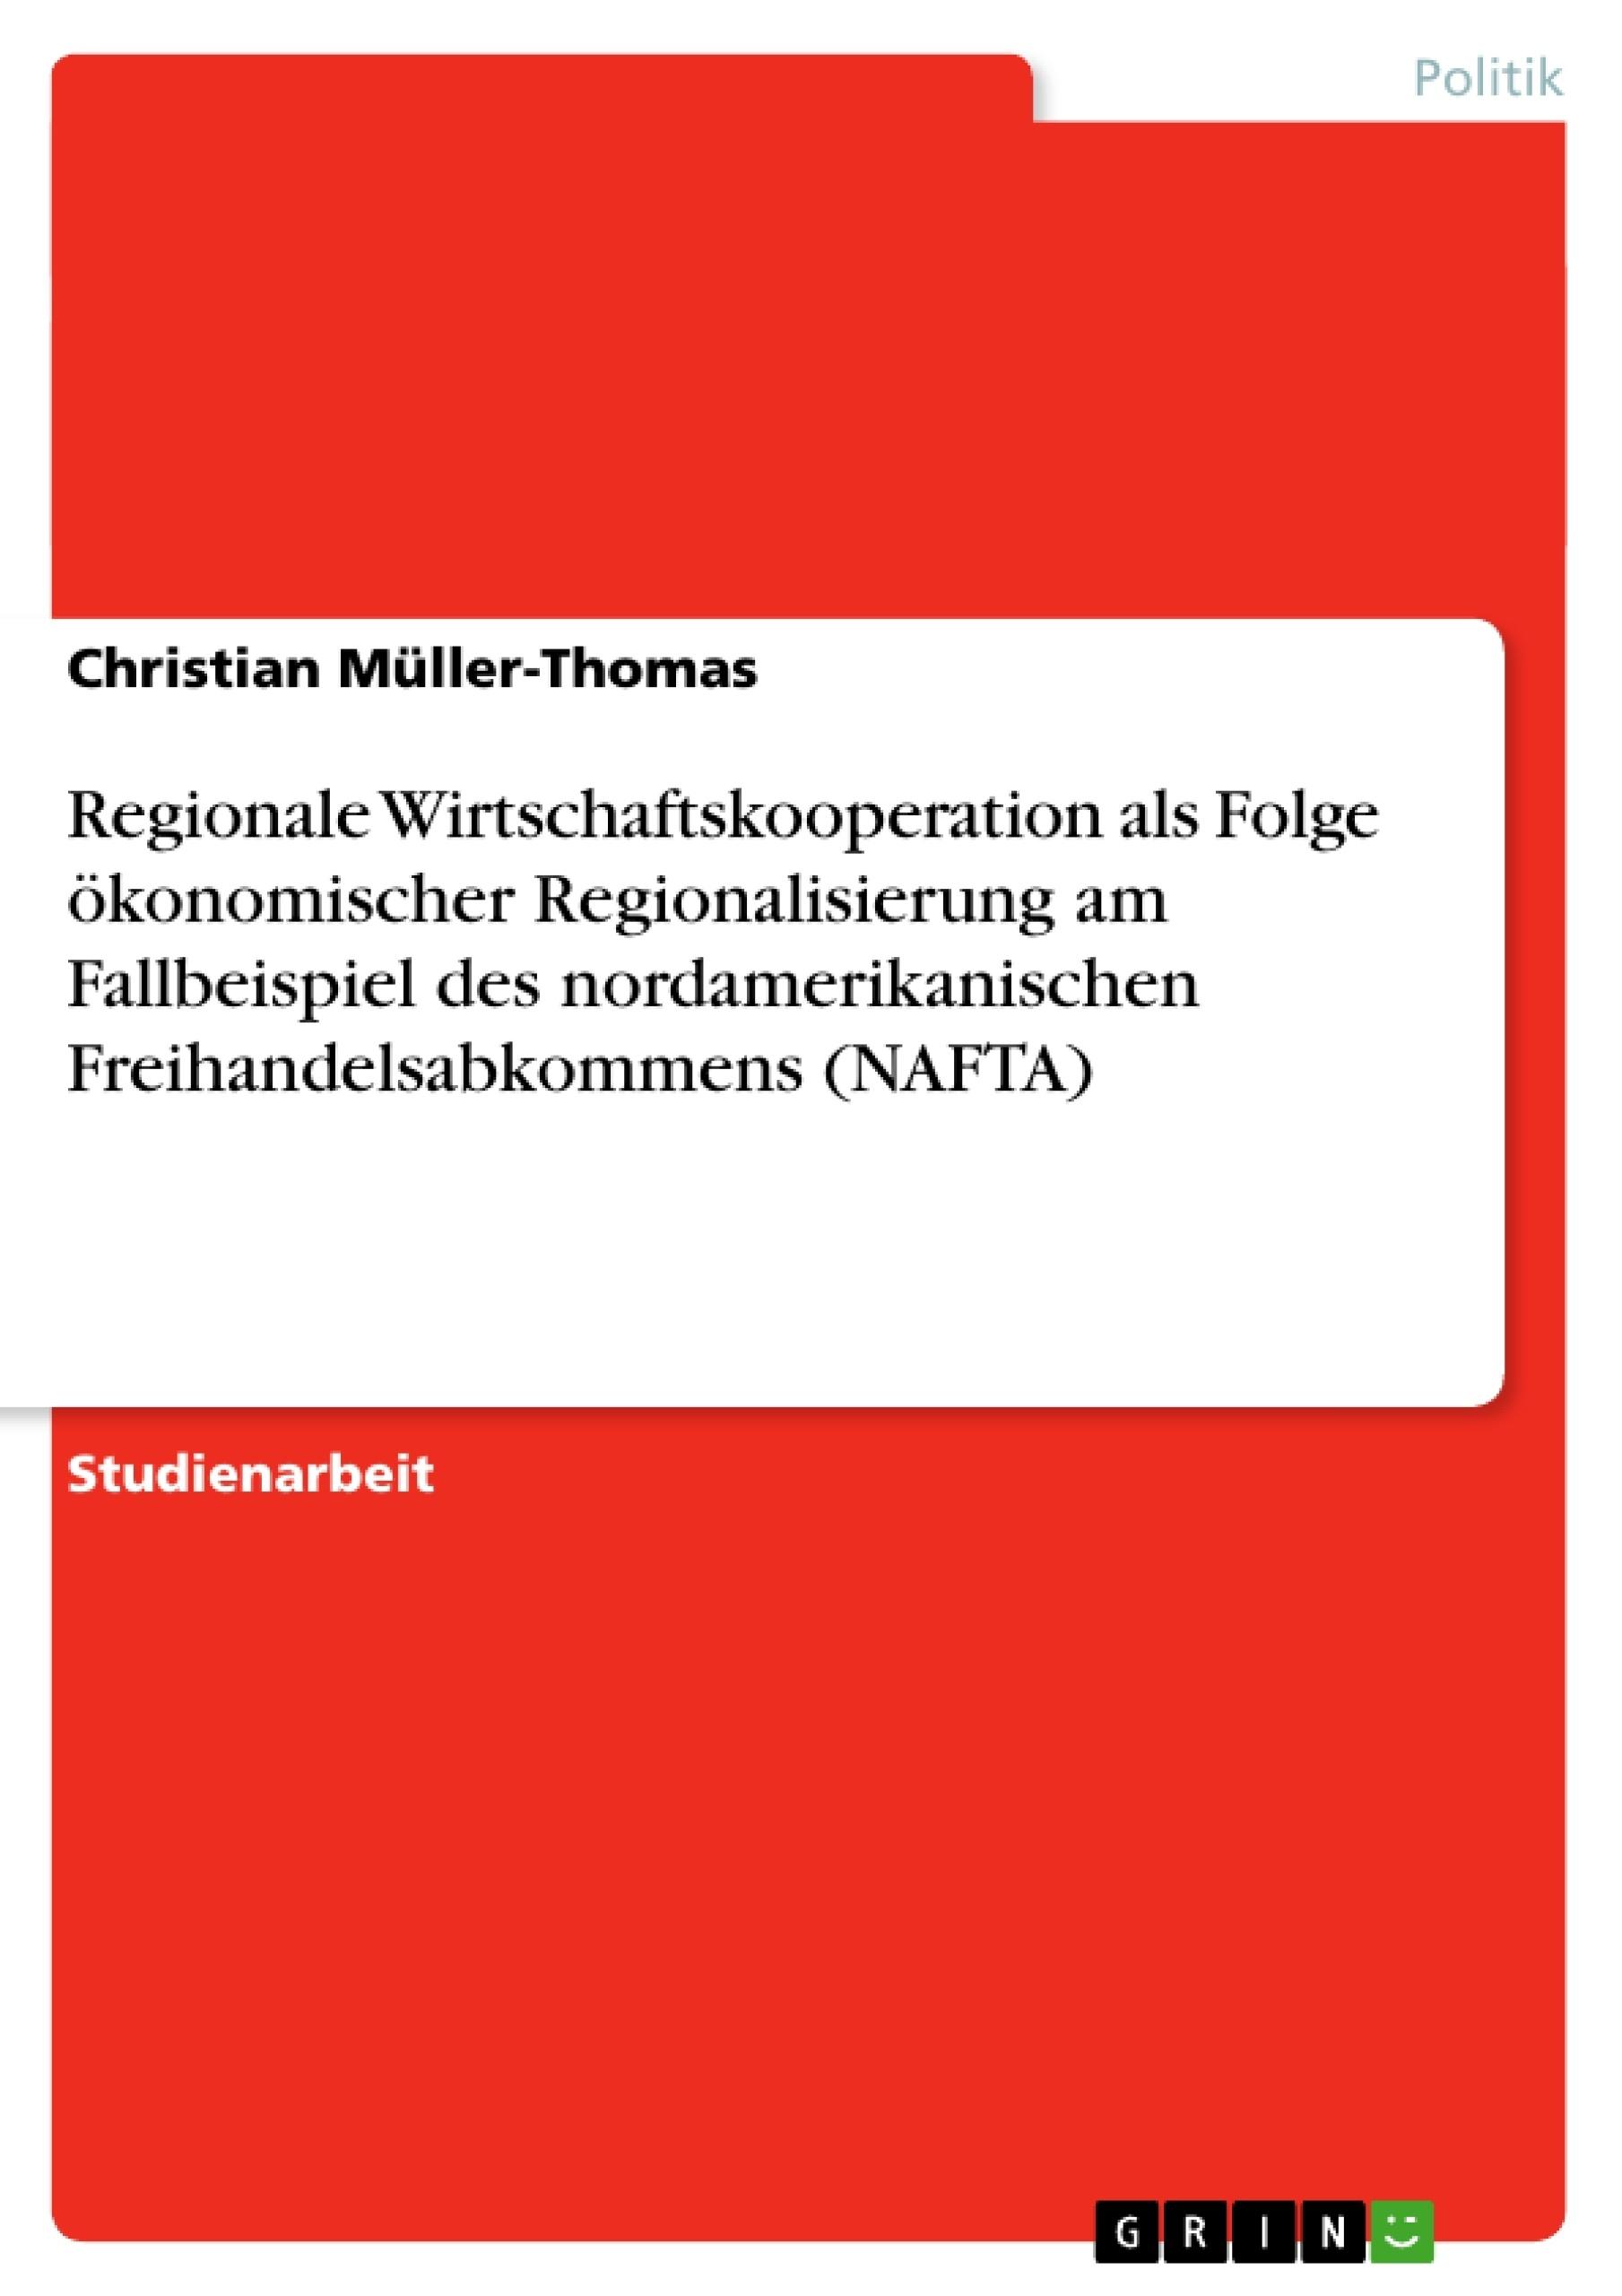 Titel: Regionale Wirtschaftskooperation als Folge ökonomischer Regionalisierung am Fallbeispiel des nordamerikanischen Freihandelsabkommens (NAFTA)